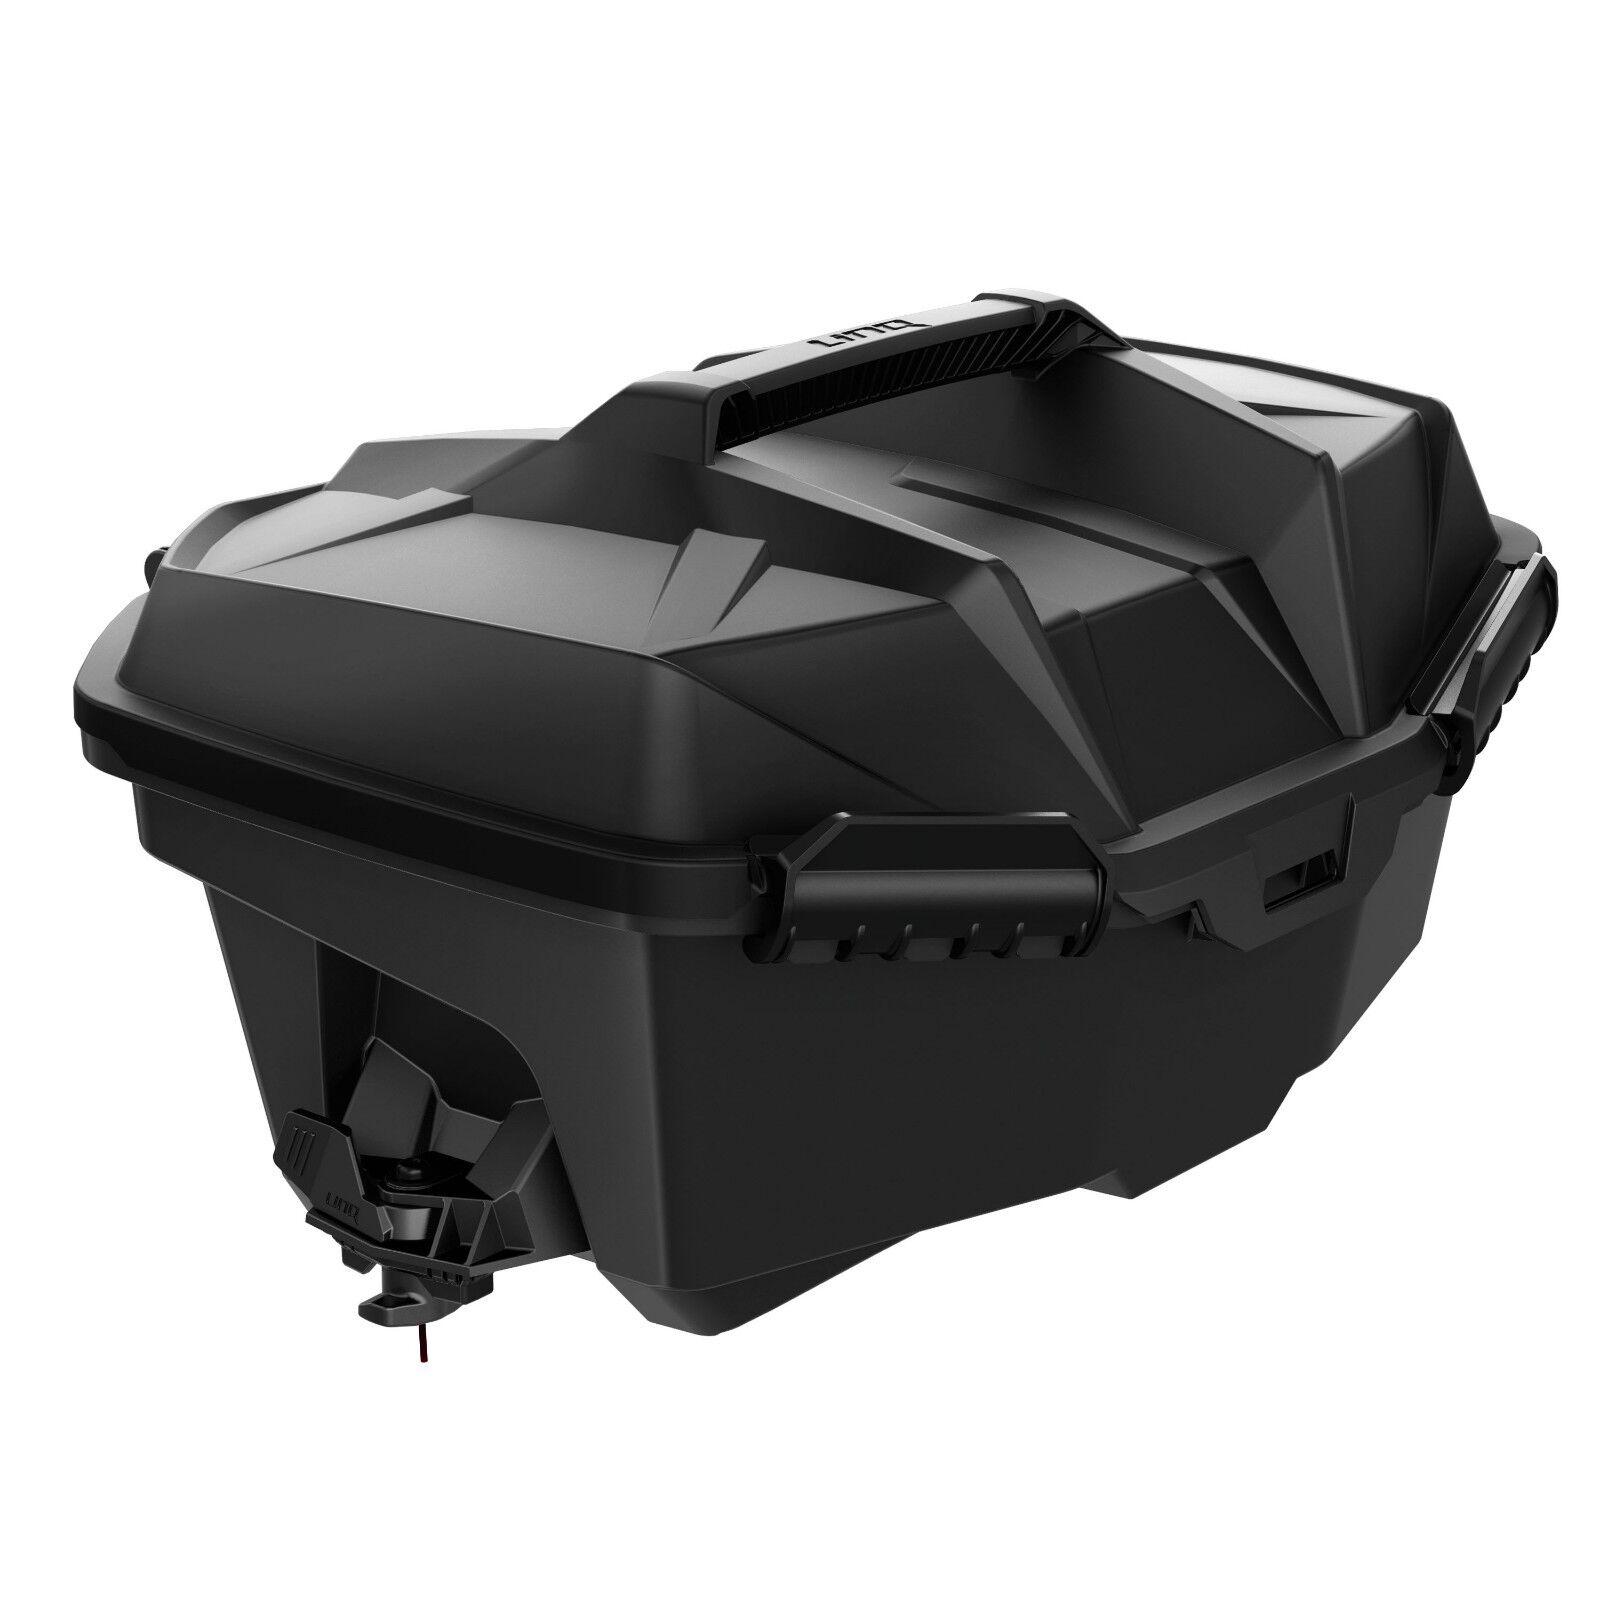 SKI-DOO LINQ TOOL BOX 715004301 REV G4, XU